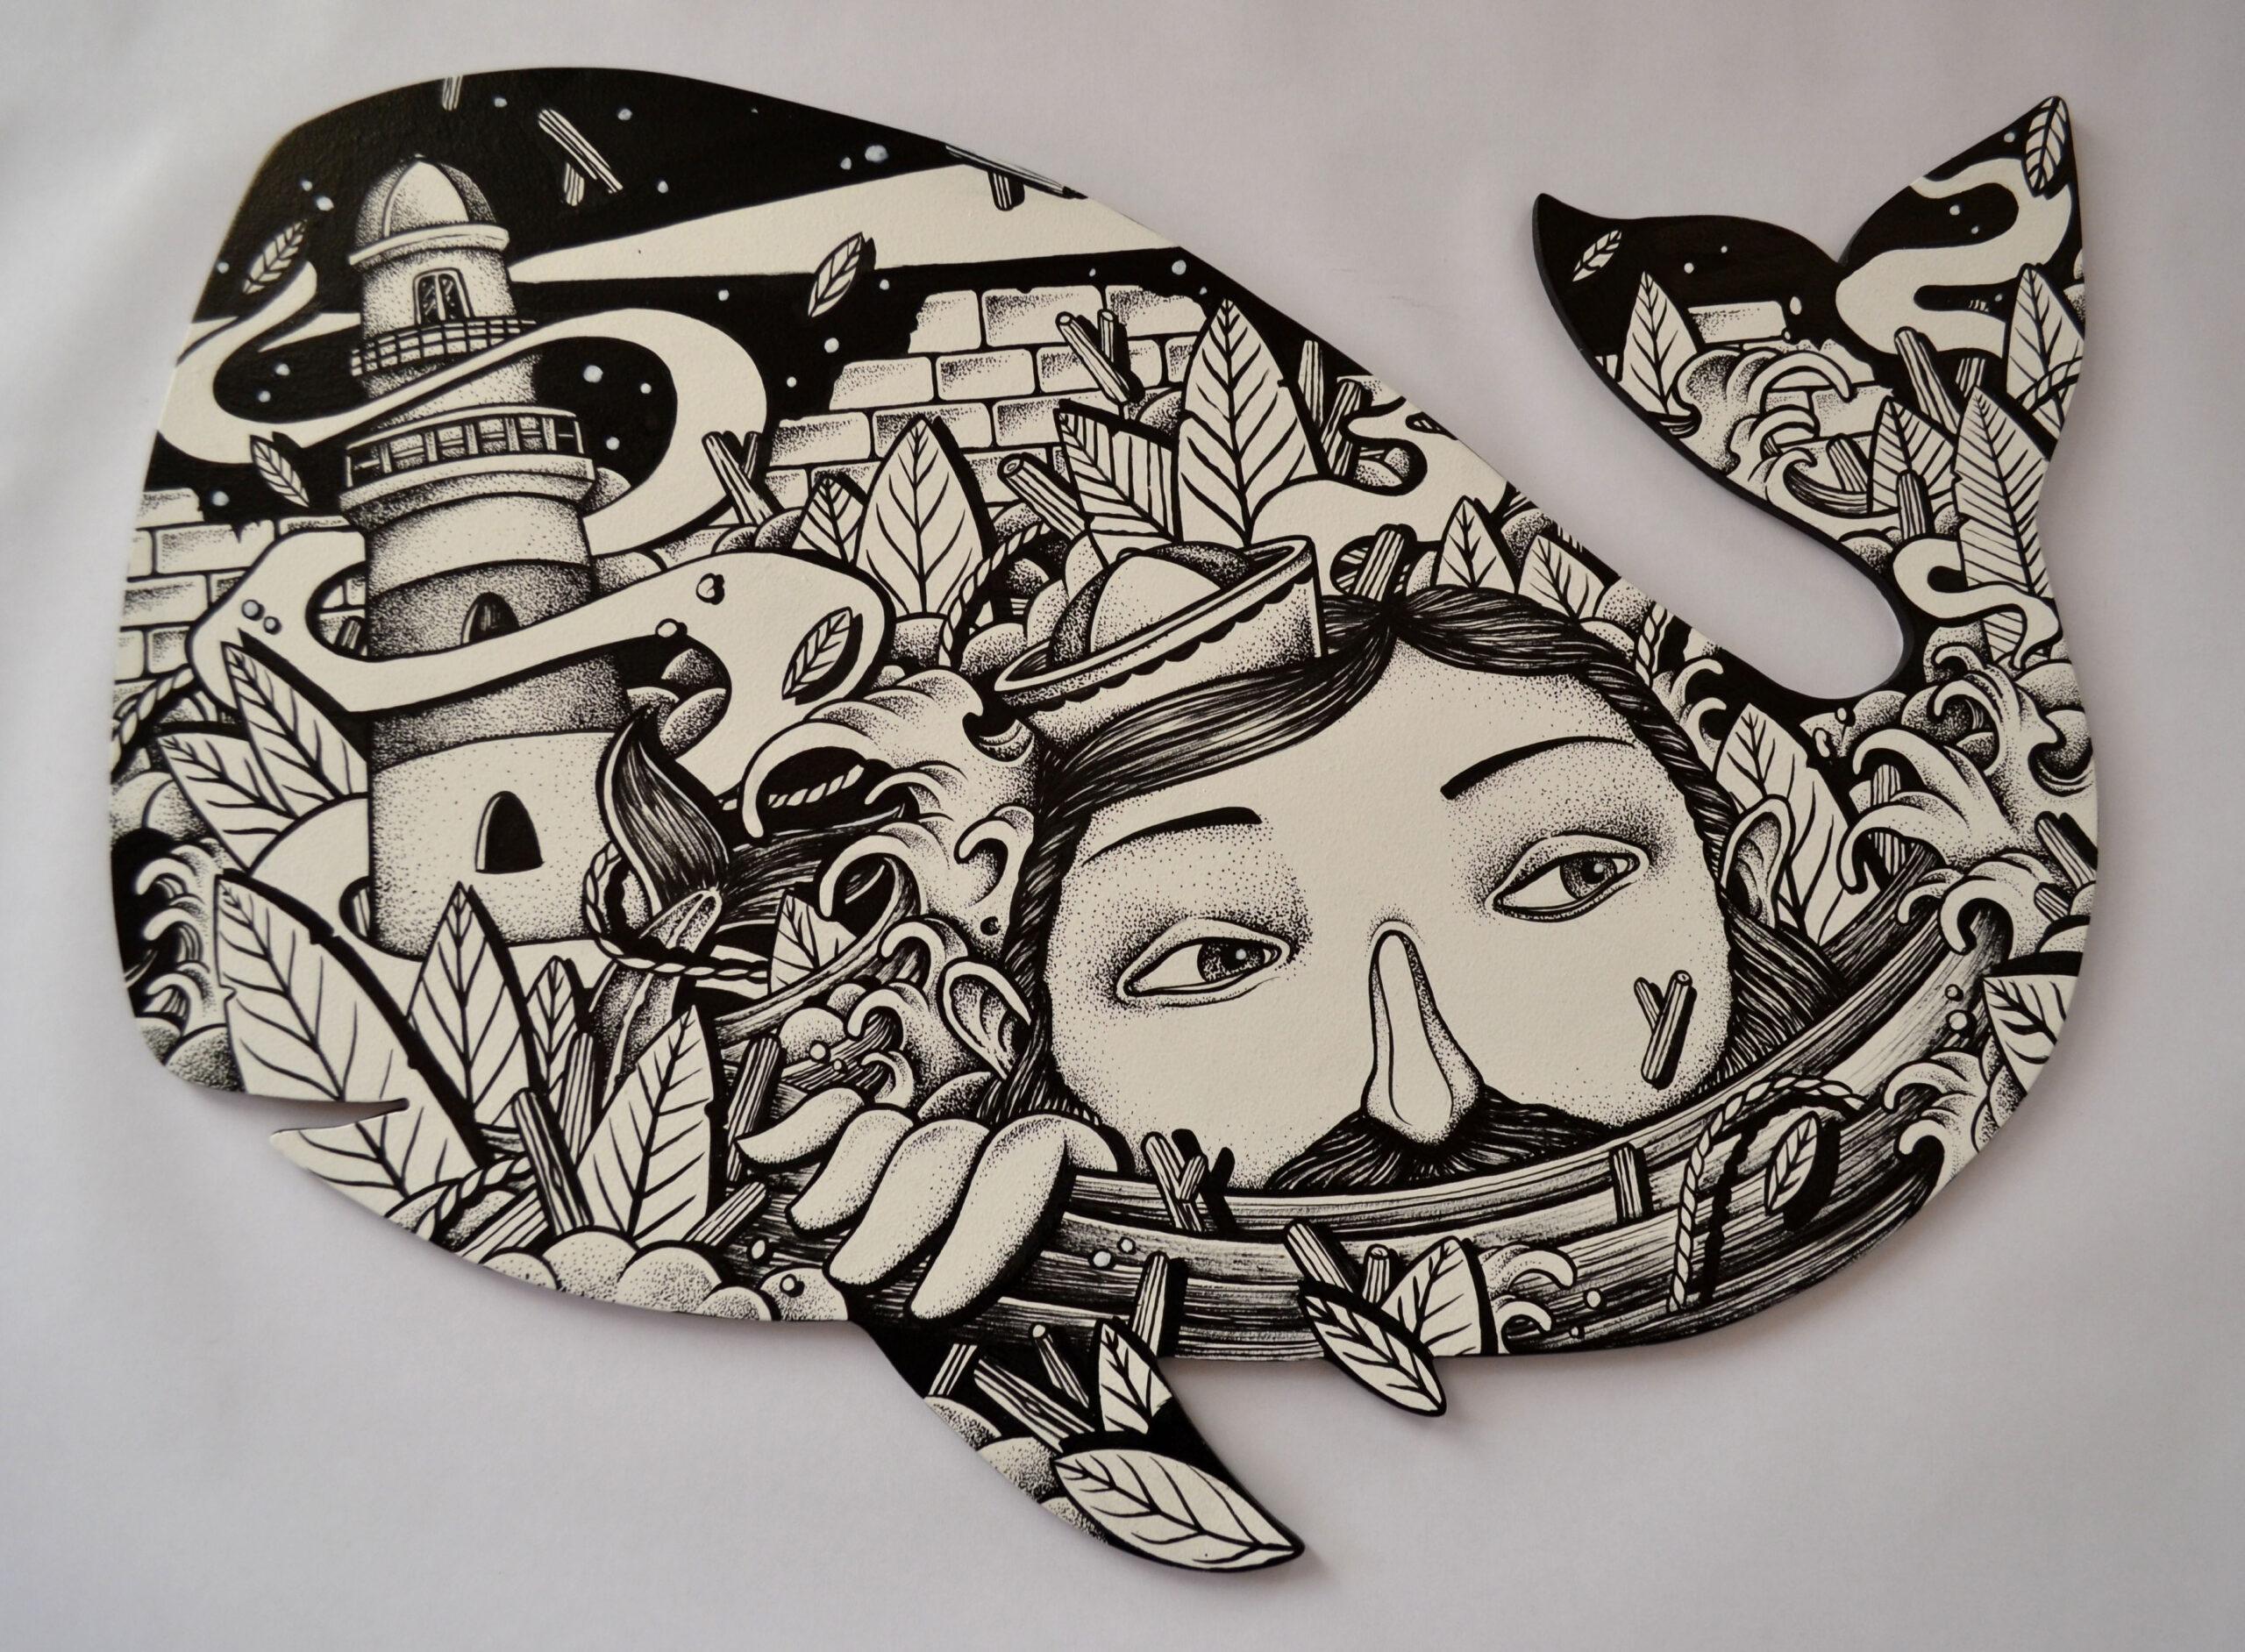 La primissima edizione di Disegnare il territorio a Domodossola. Il nuovo Festival dell'Illustrazione tra mostre, laboratori, eventi